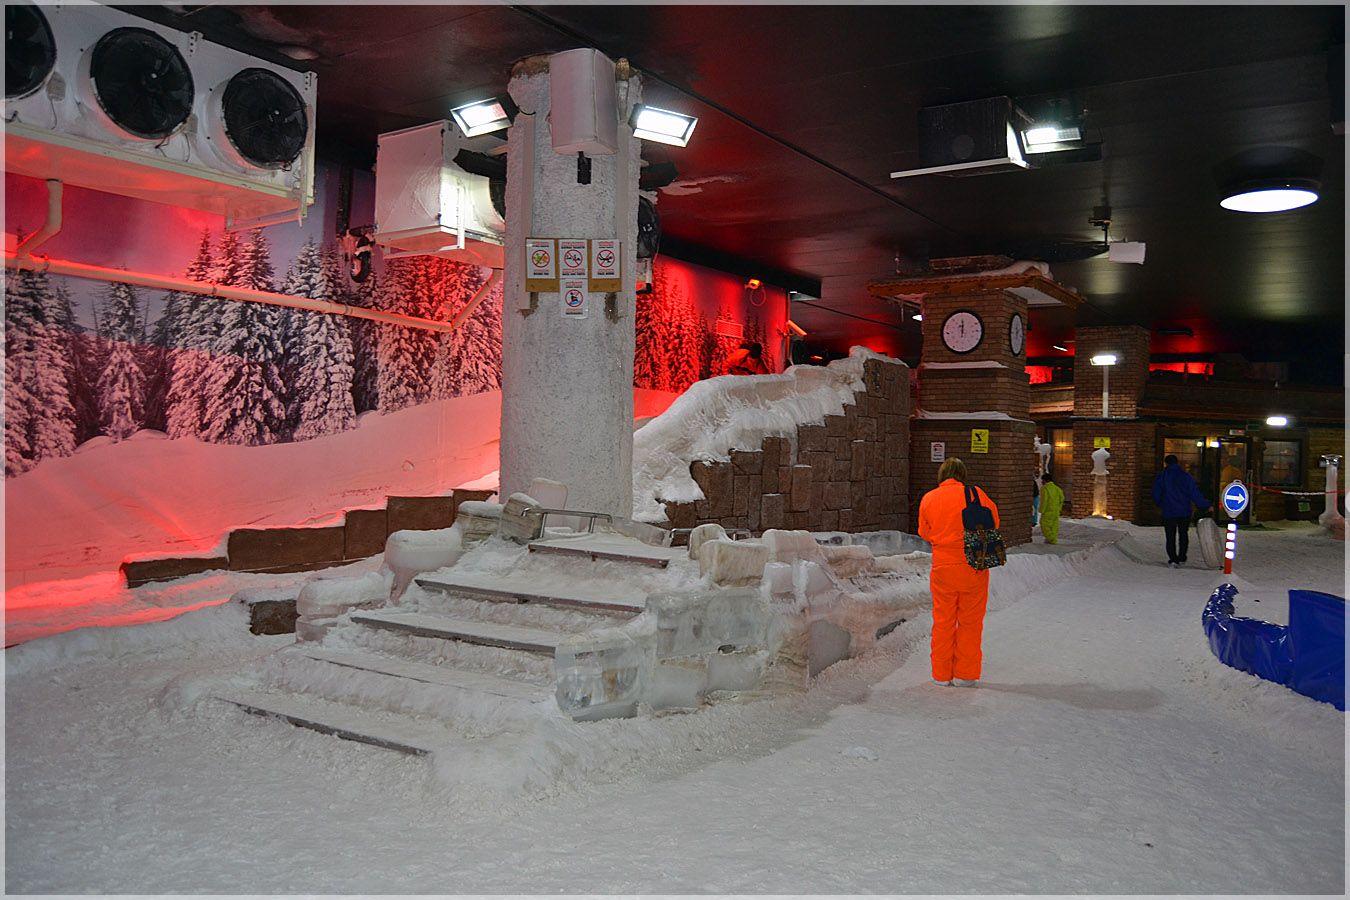 Время уходить... Турция Анталия Аквариум снег лёд горка часы туристы